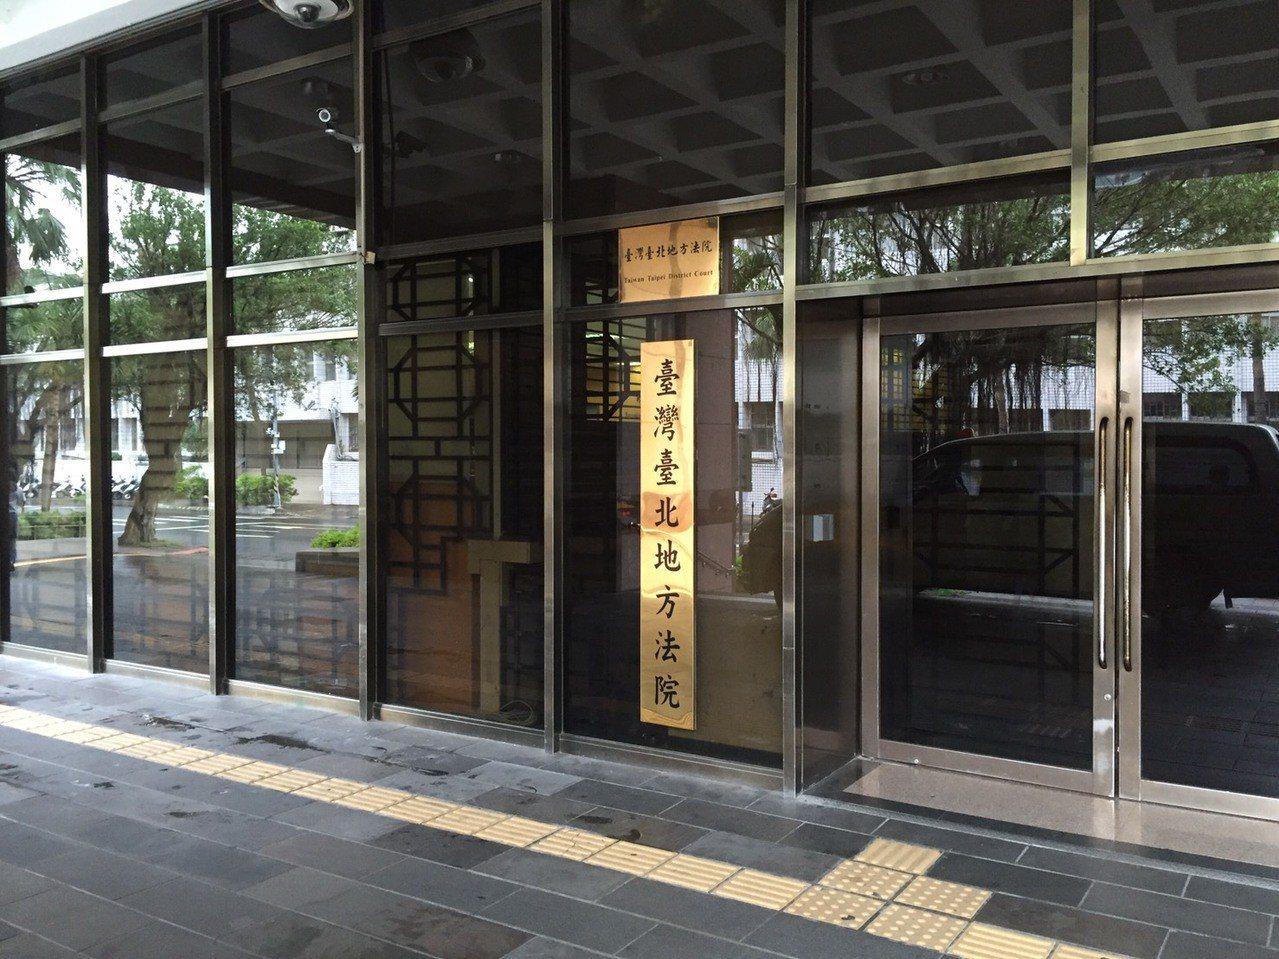 投資管理顧問公司被檢舉吸金詐騙逾億元遭搜索;圖為台北地檢署。圖/聯合報系資料照片